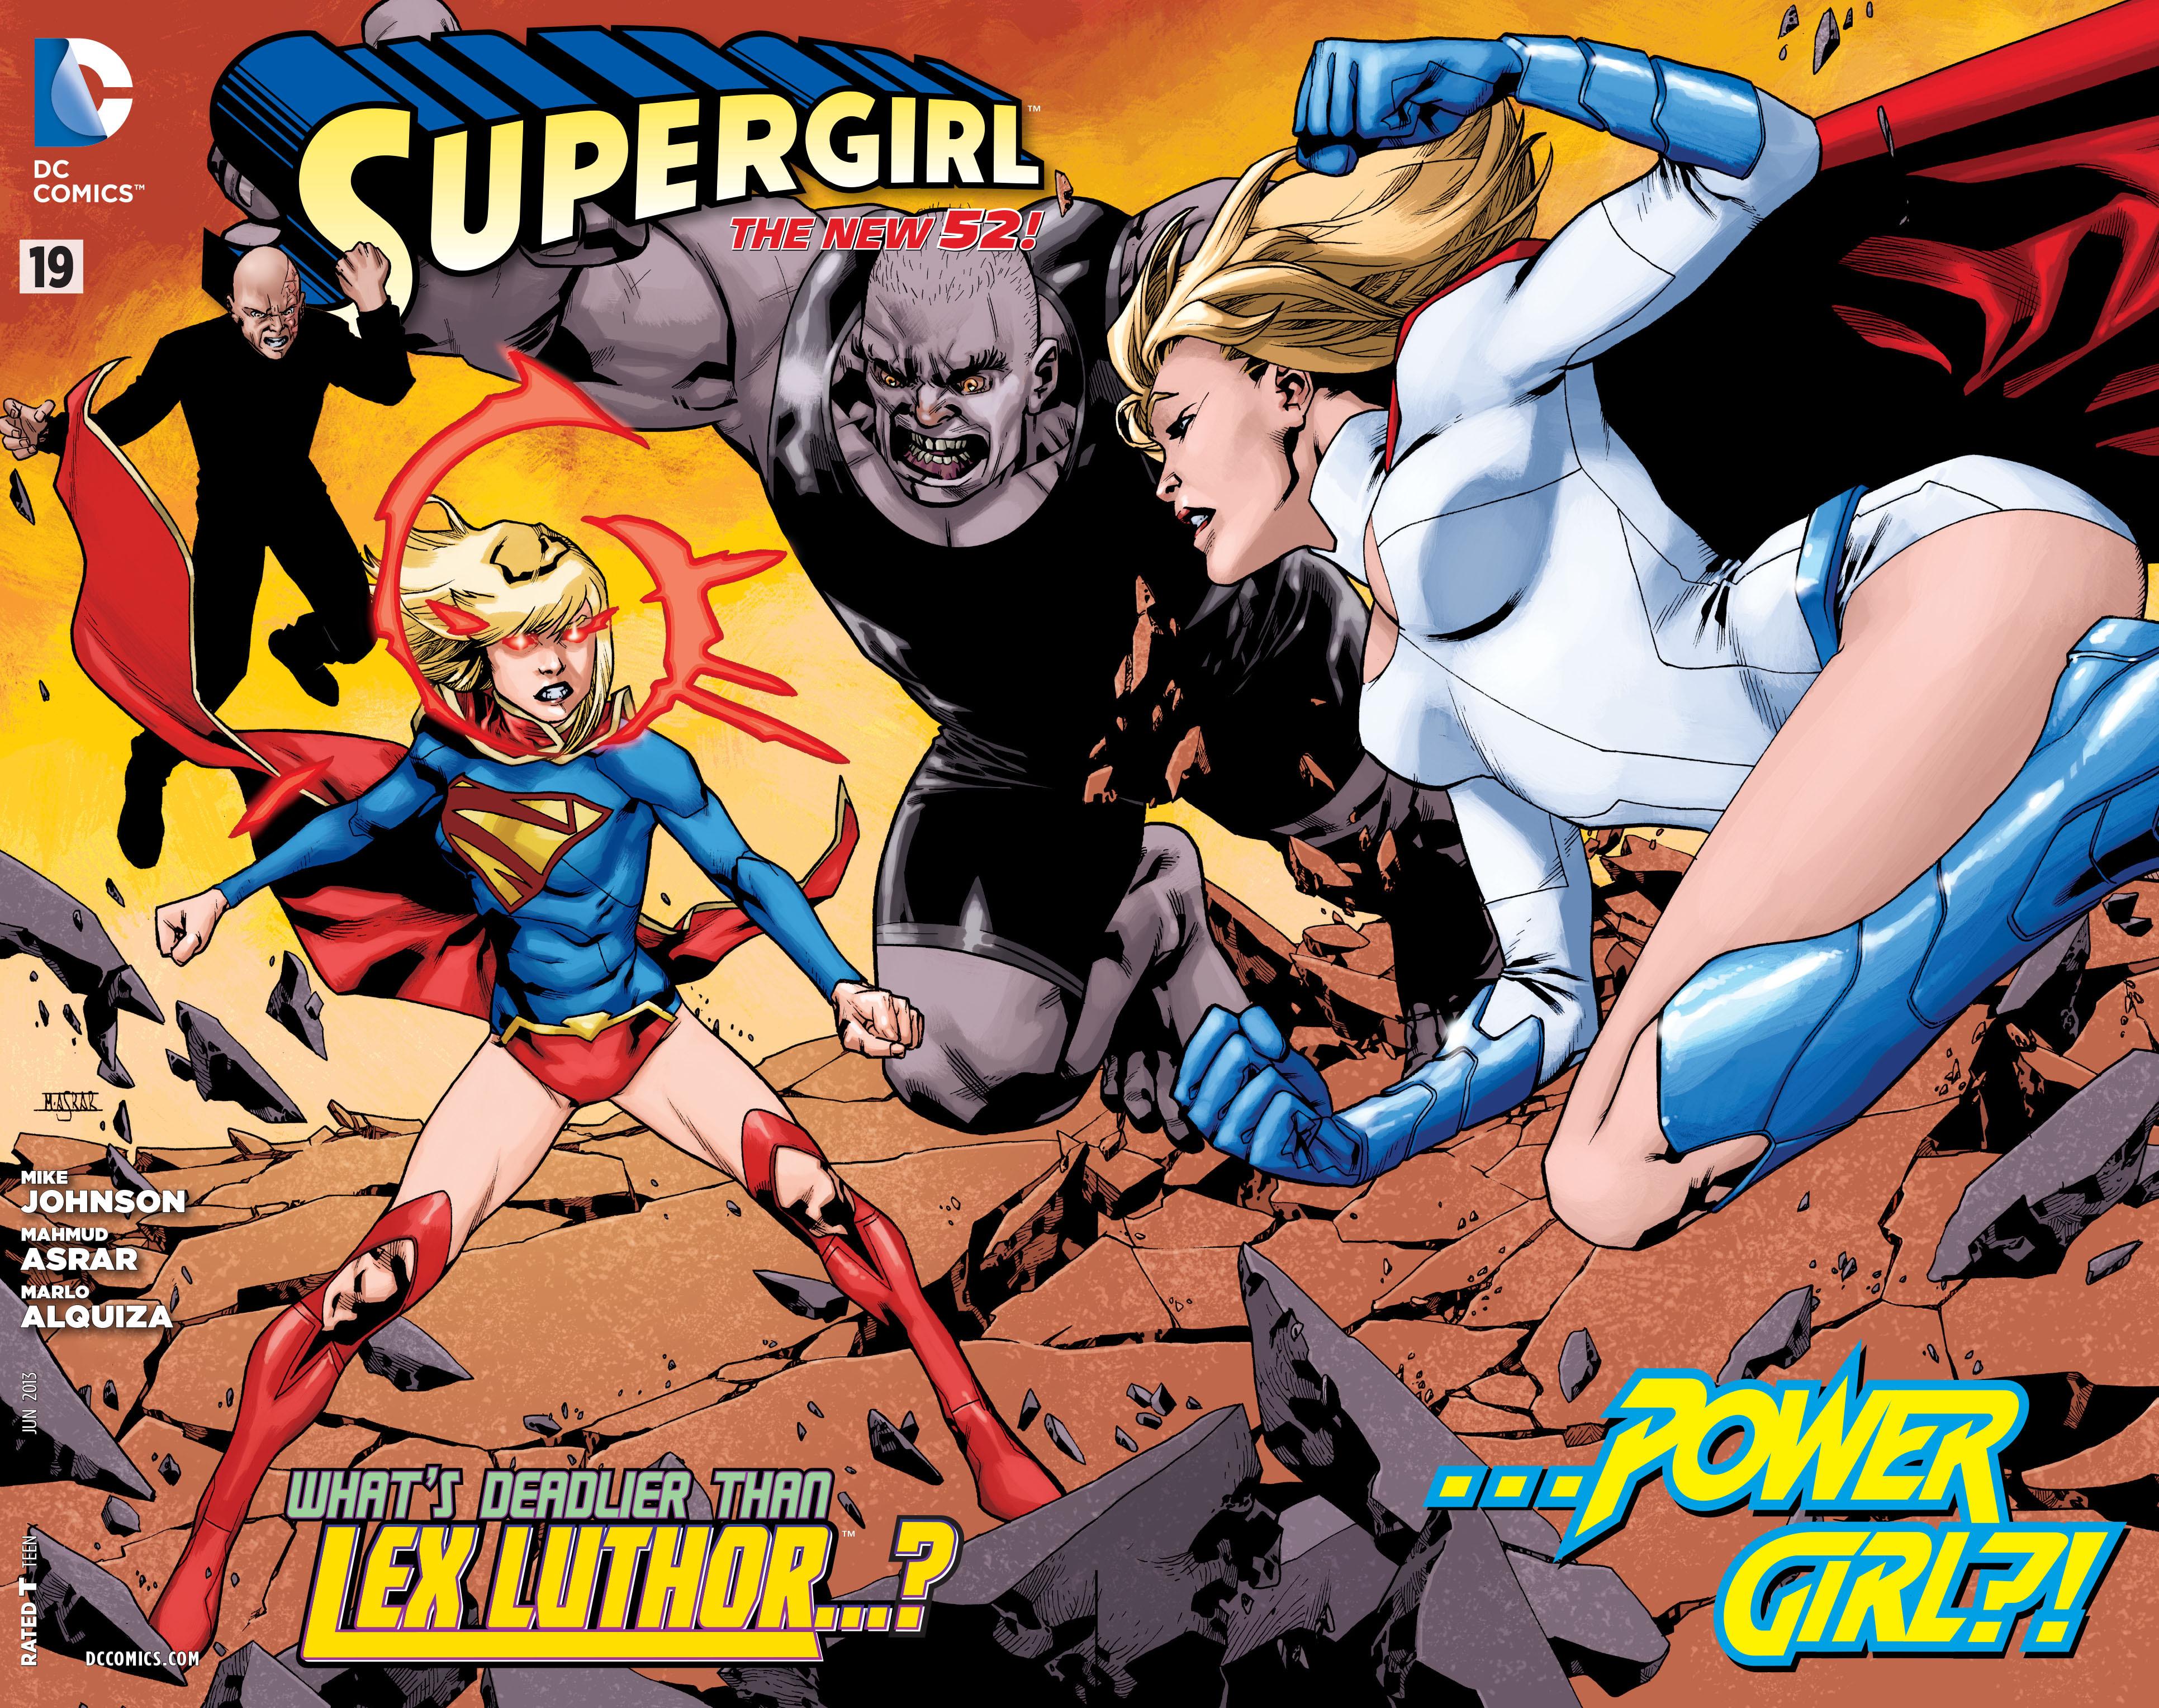 Supergirl Vol 6 19 Gatefold.jpg